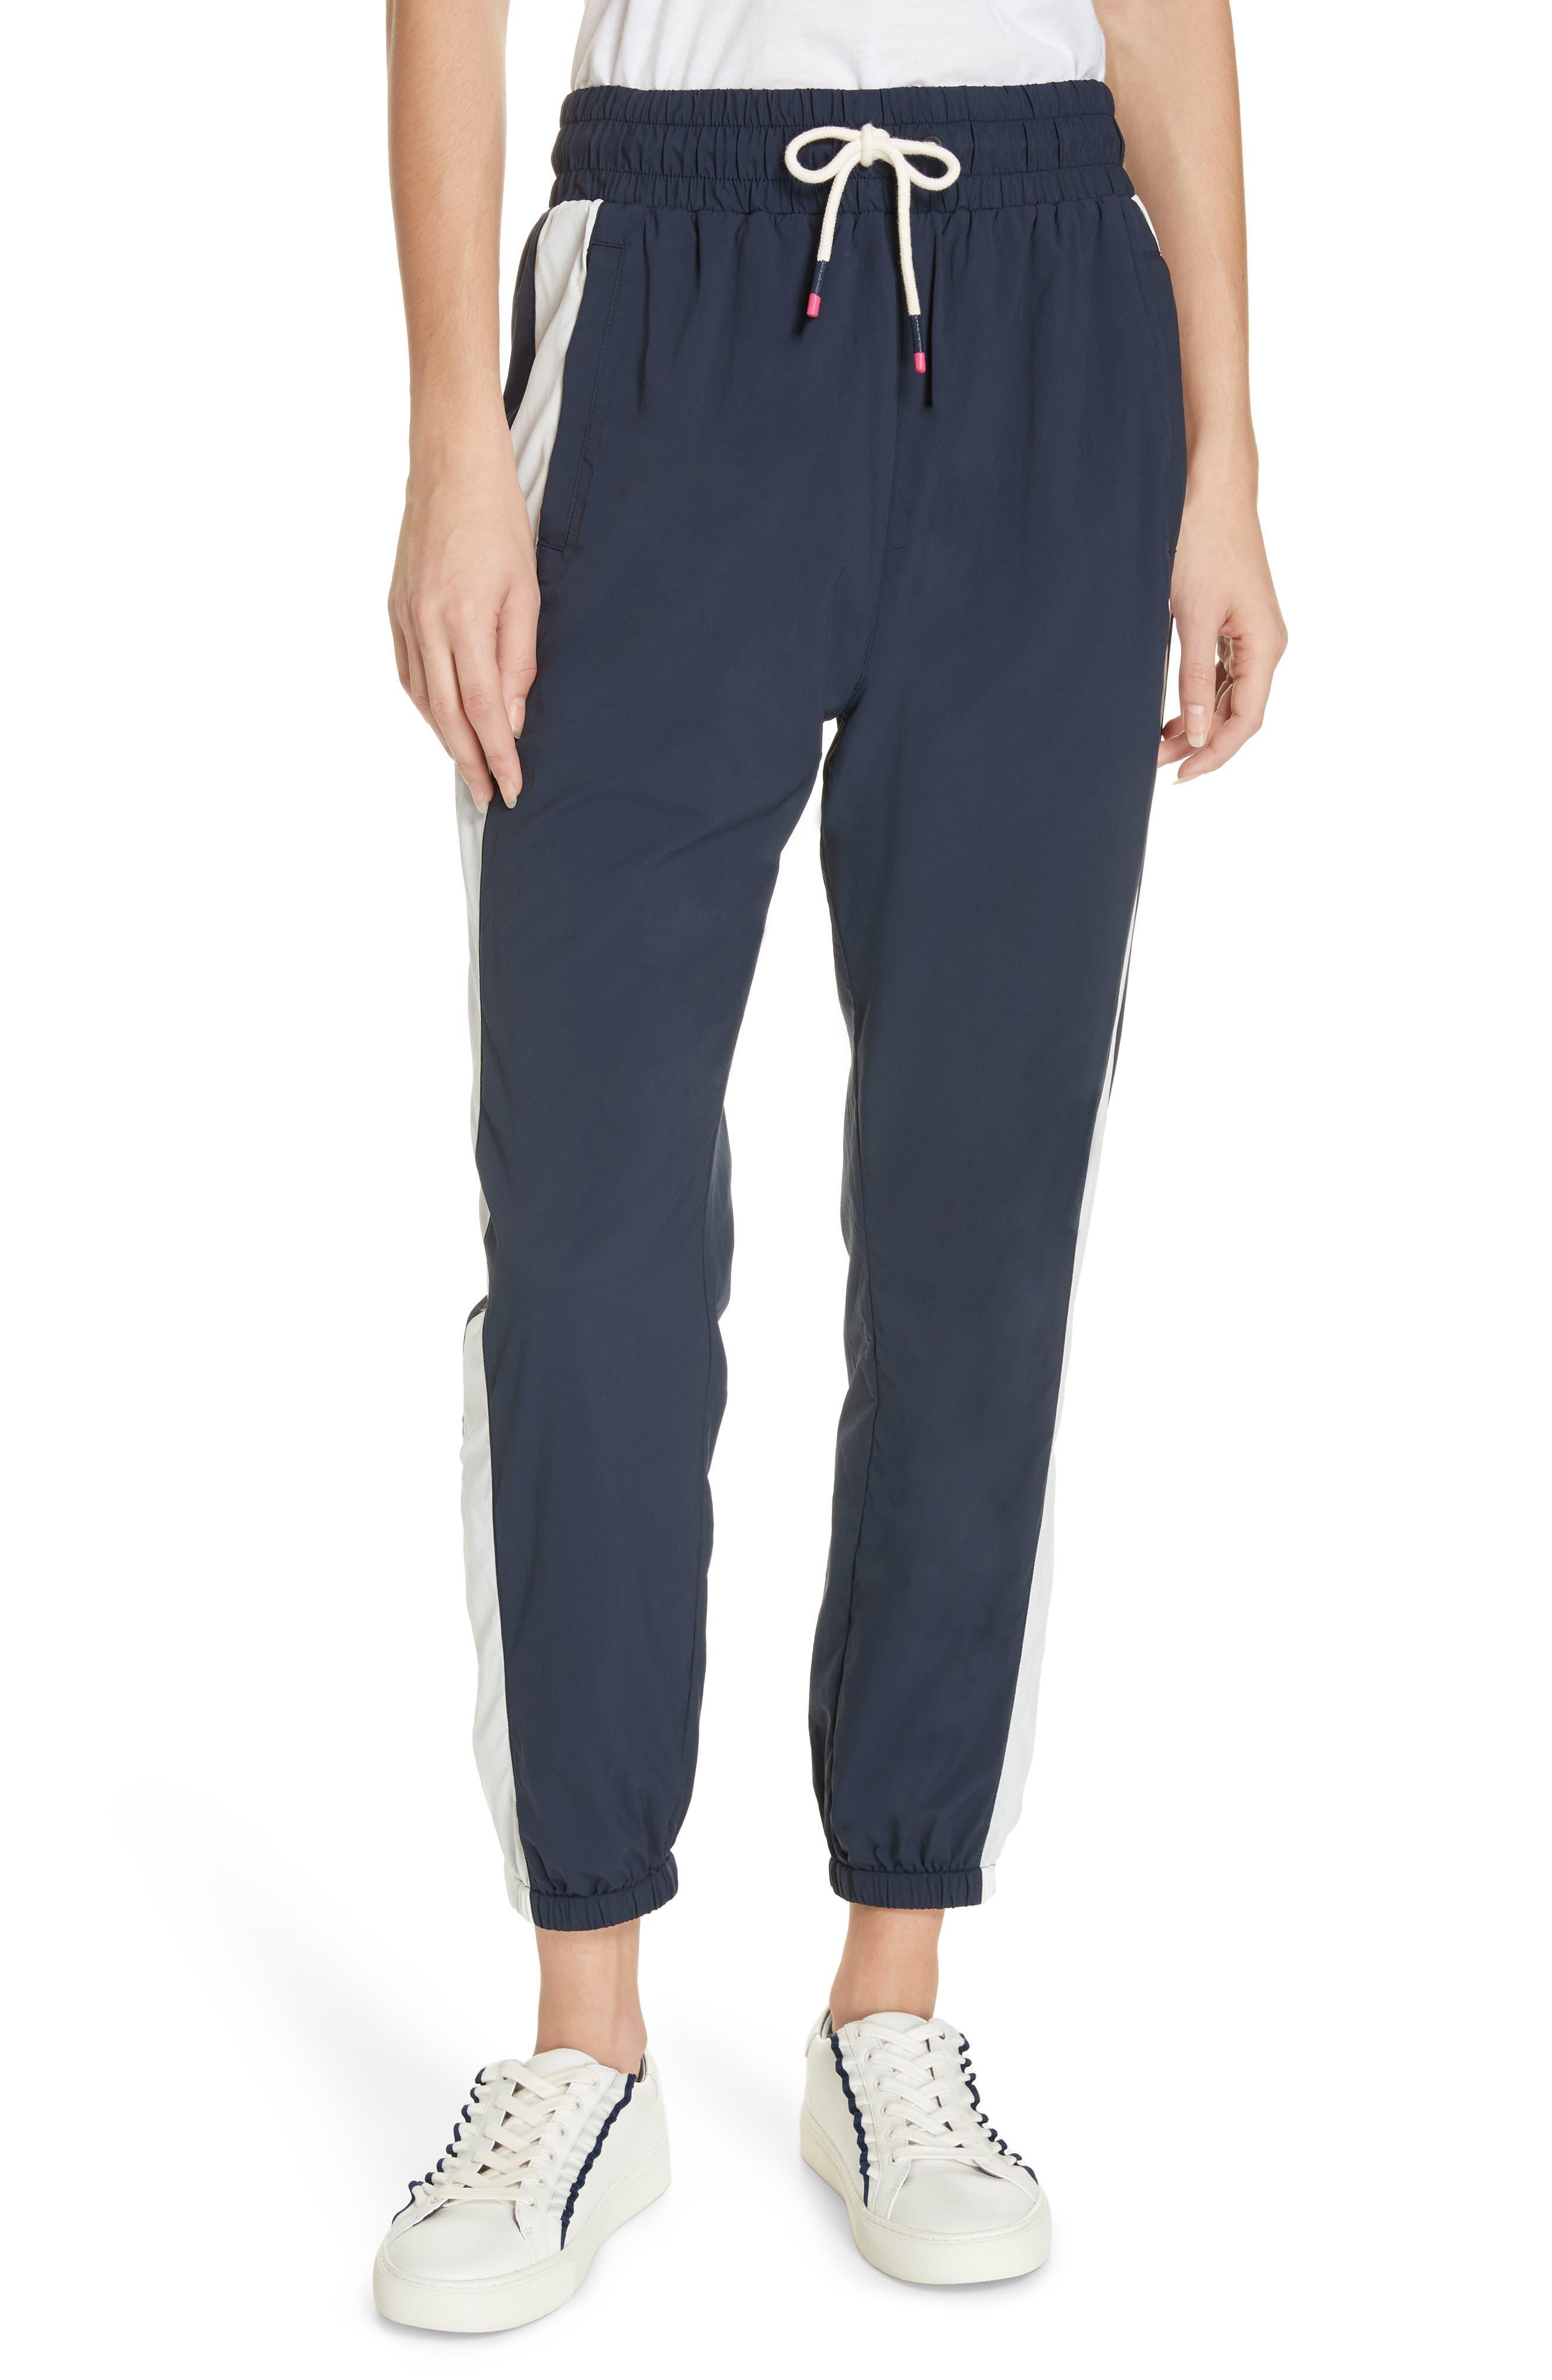 Tory Sport Nylon Jogger Pants, Blue